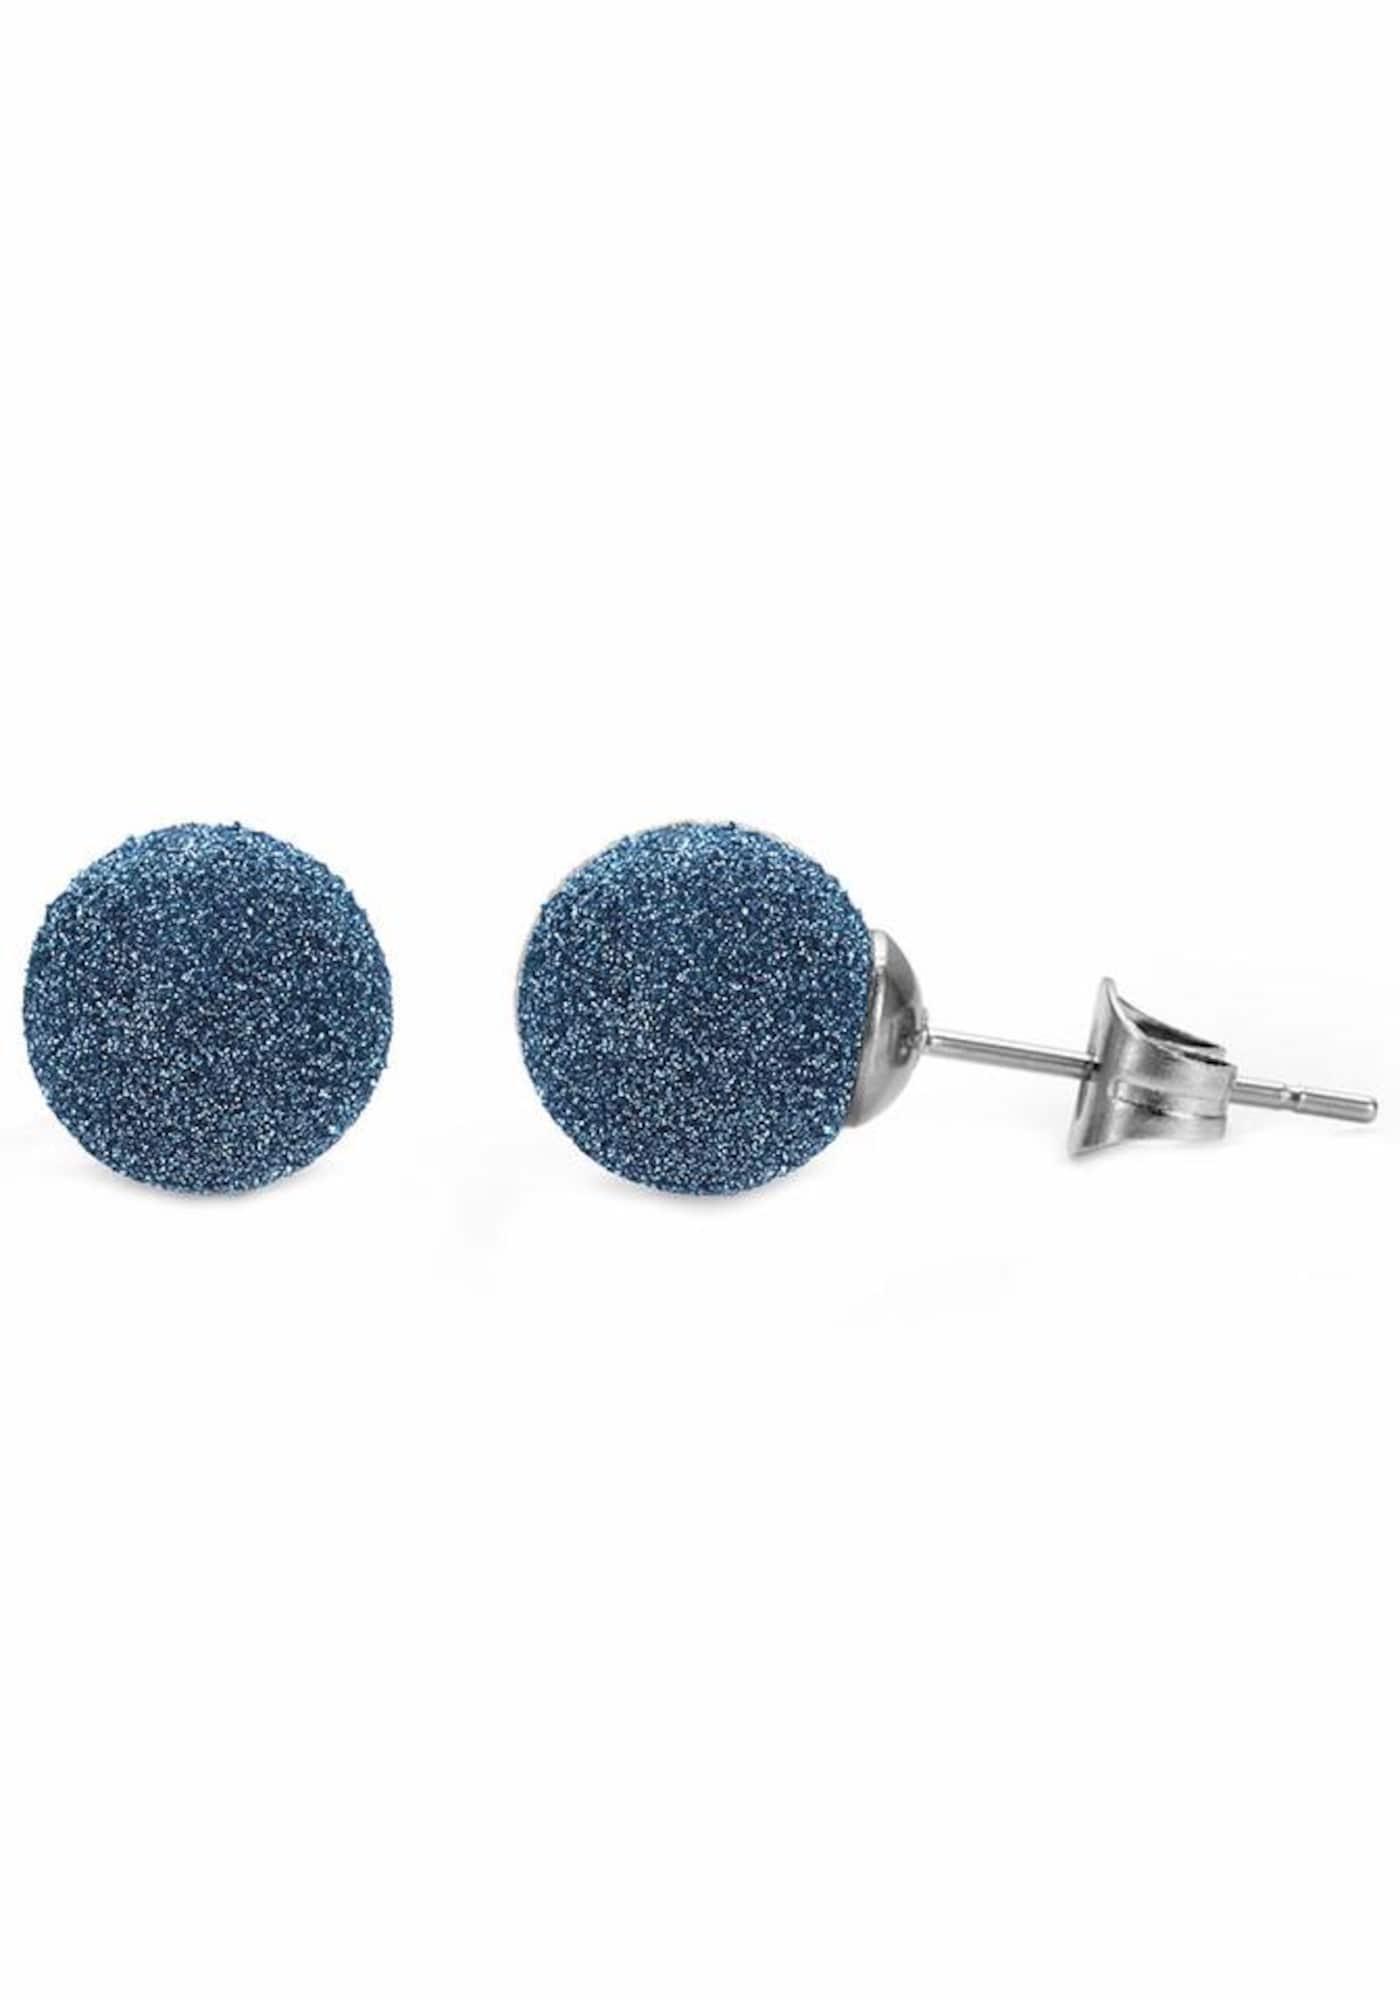 Ohrringe für Frauen - FIRETTI Paar Ohrstecker blau silber  - Onlineshop ABOUT YOU